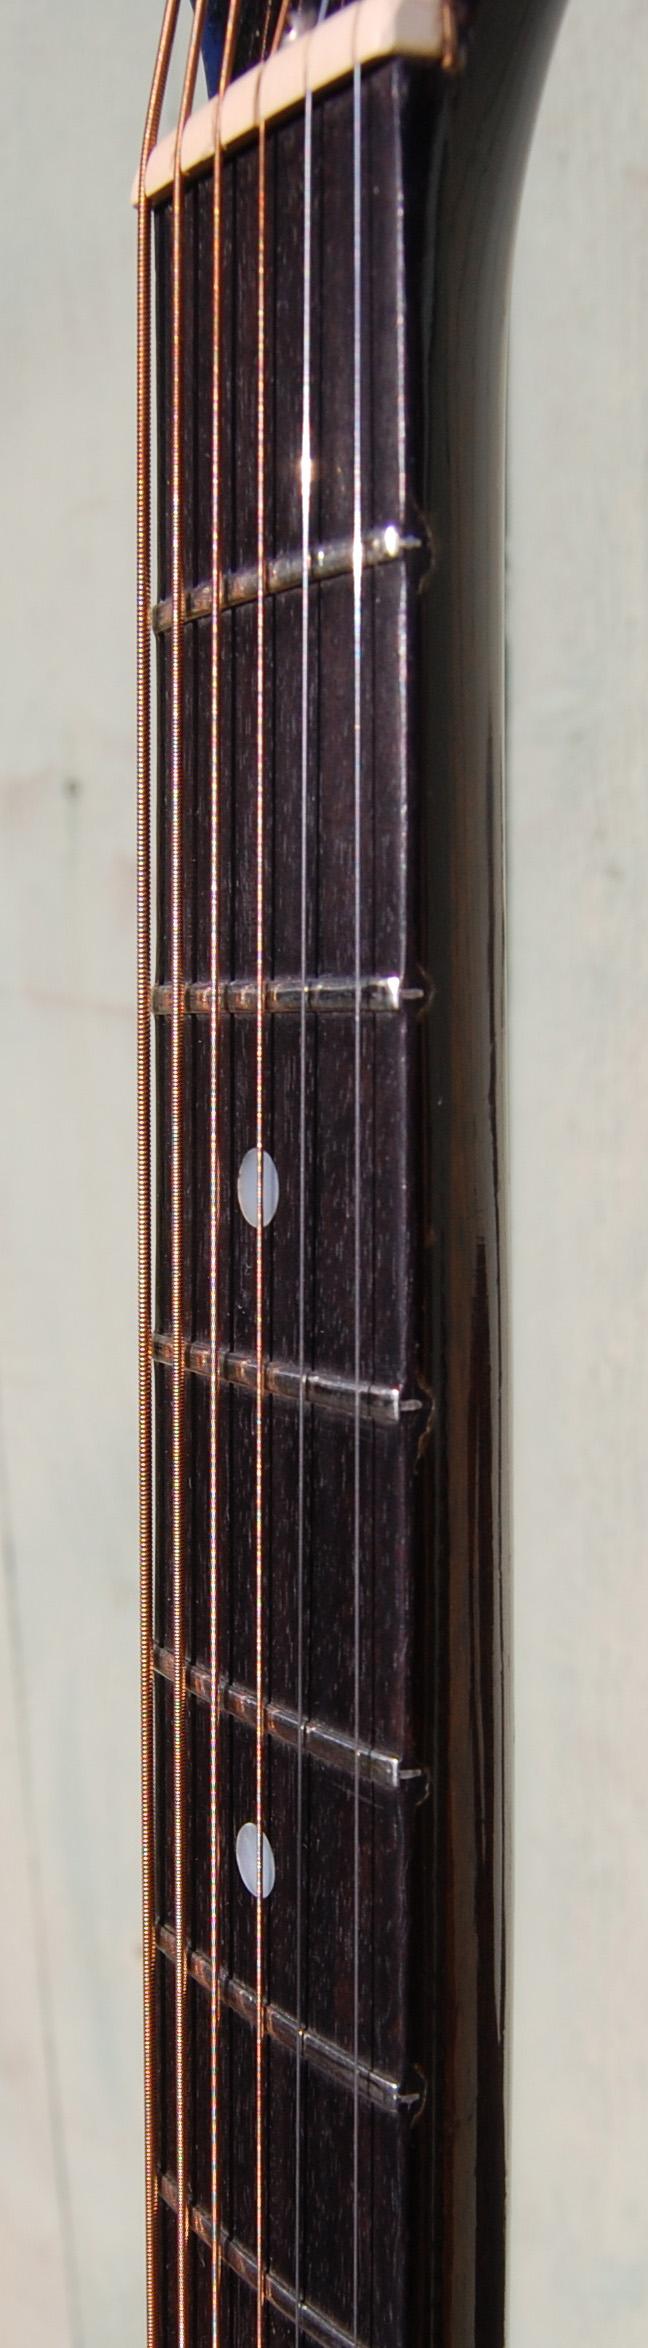 1968 j45 frets